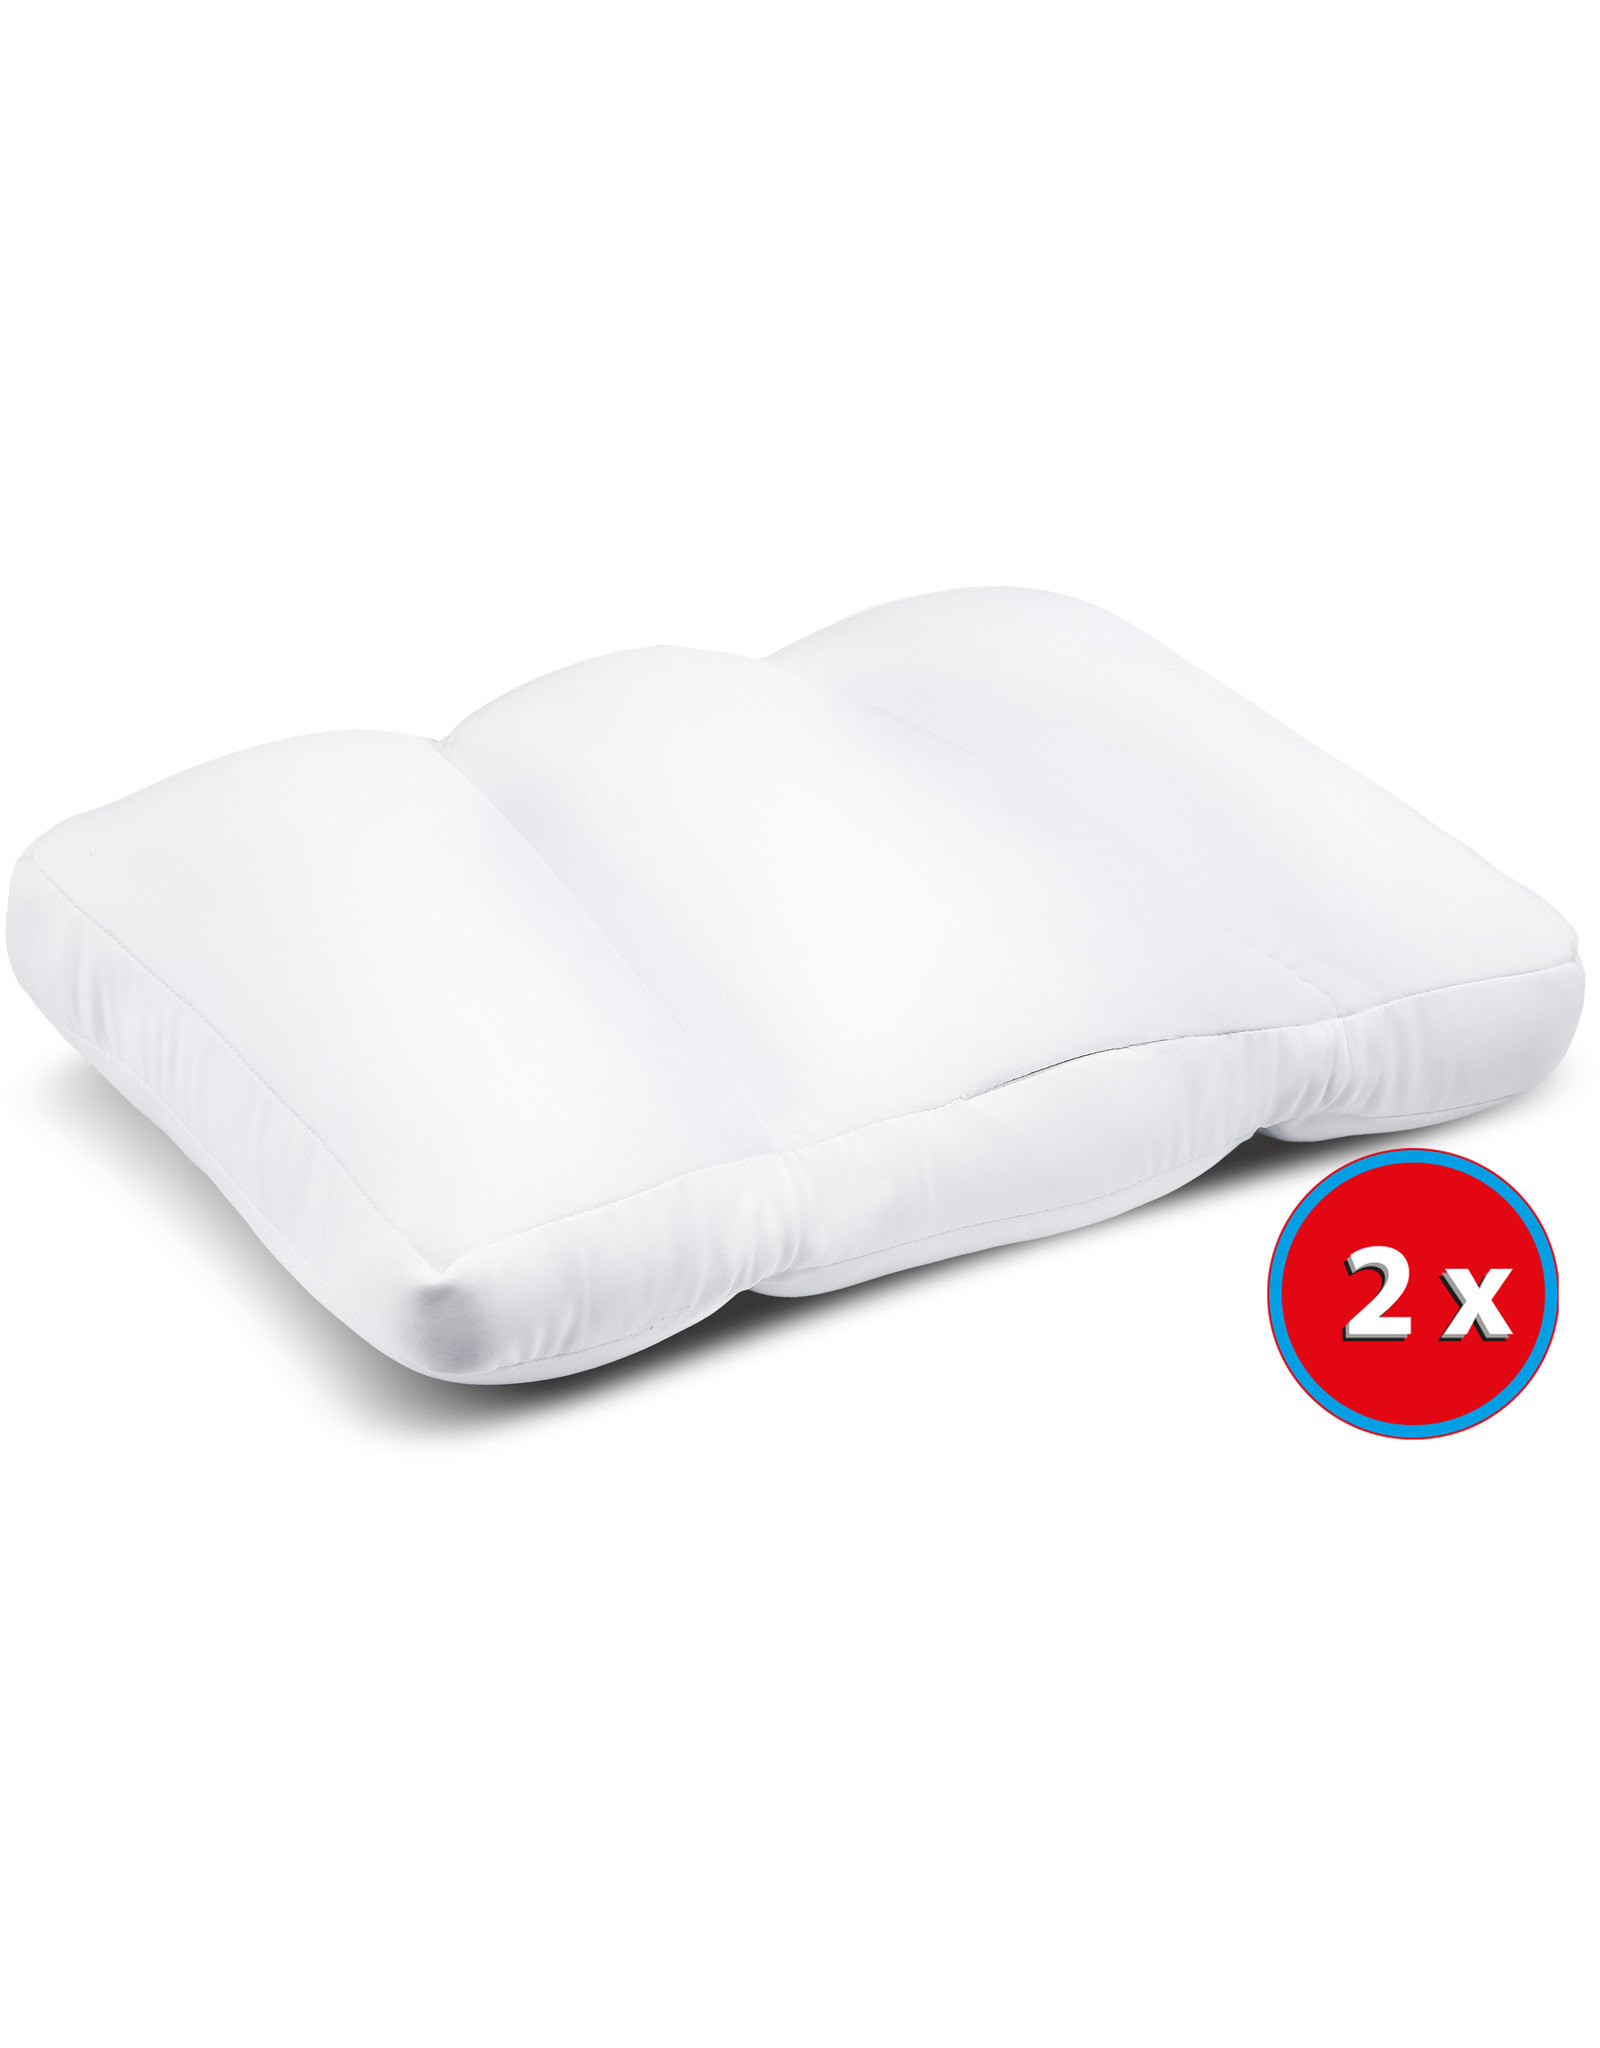 Kuschel-Maxx Kuschel-Maxx - Sleeppillow White 2 pcs-Special Offer